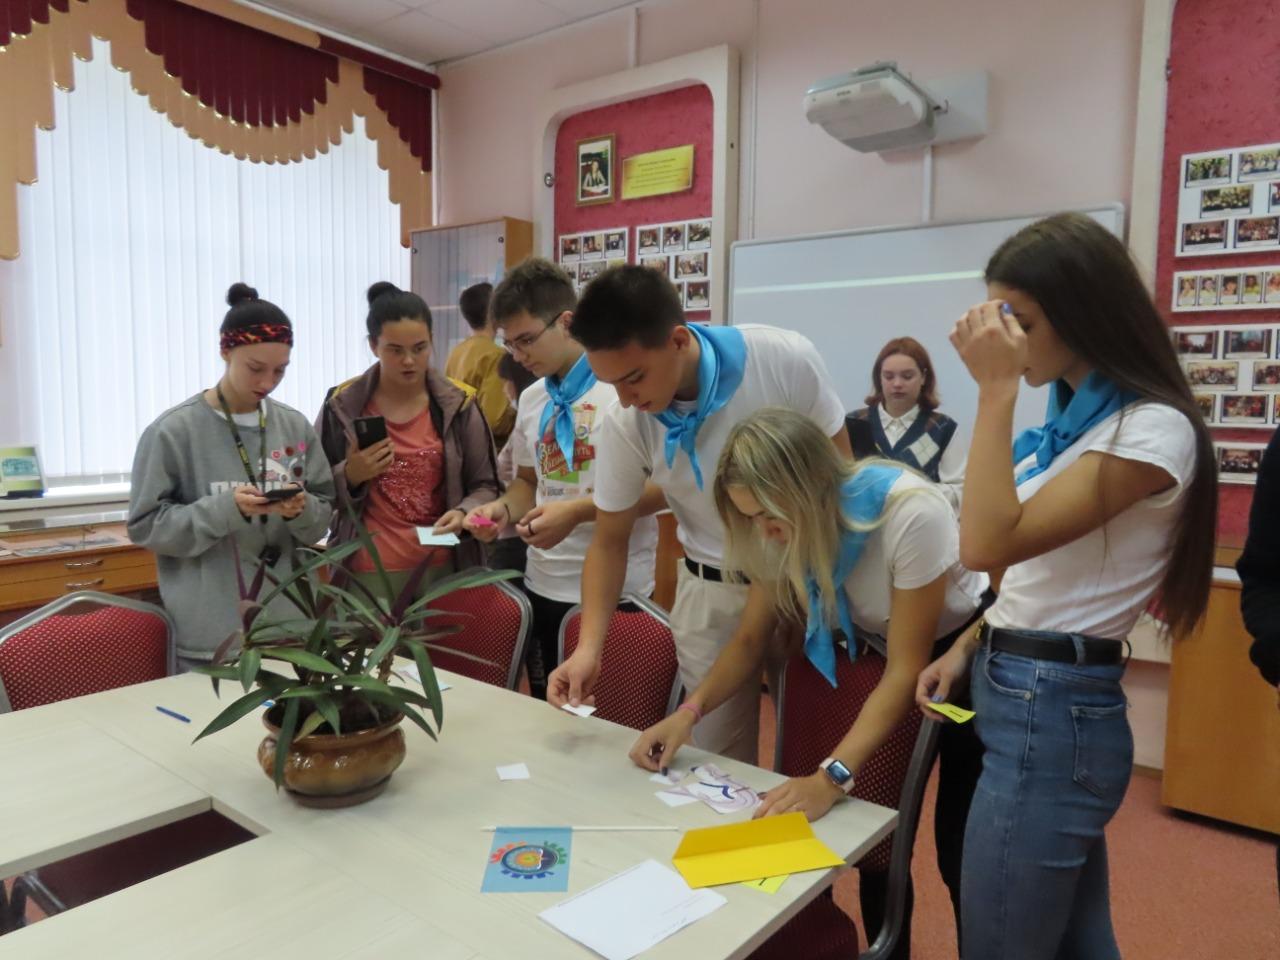 Ярославская система профессионального педагогического образования отмечает 150-летний юбилей